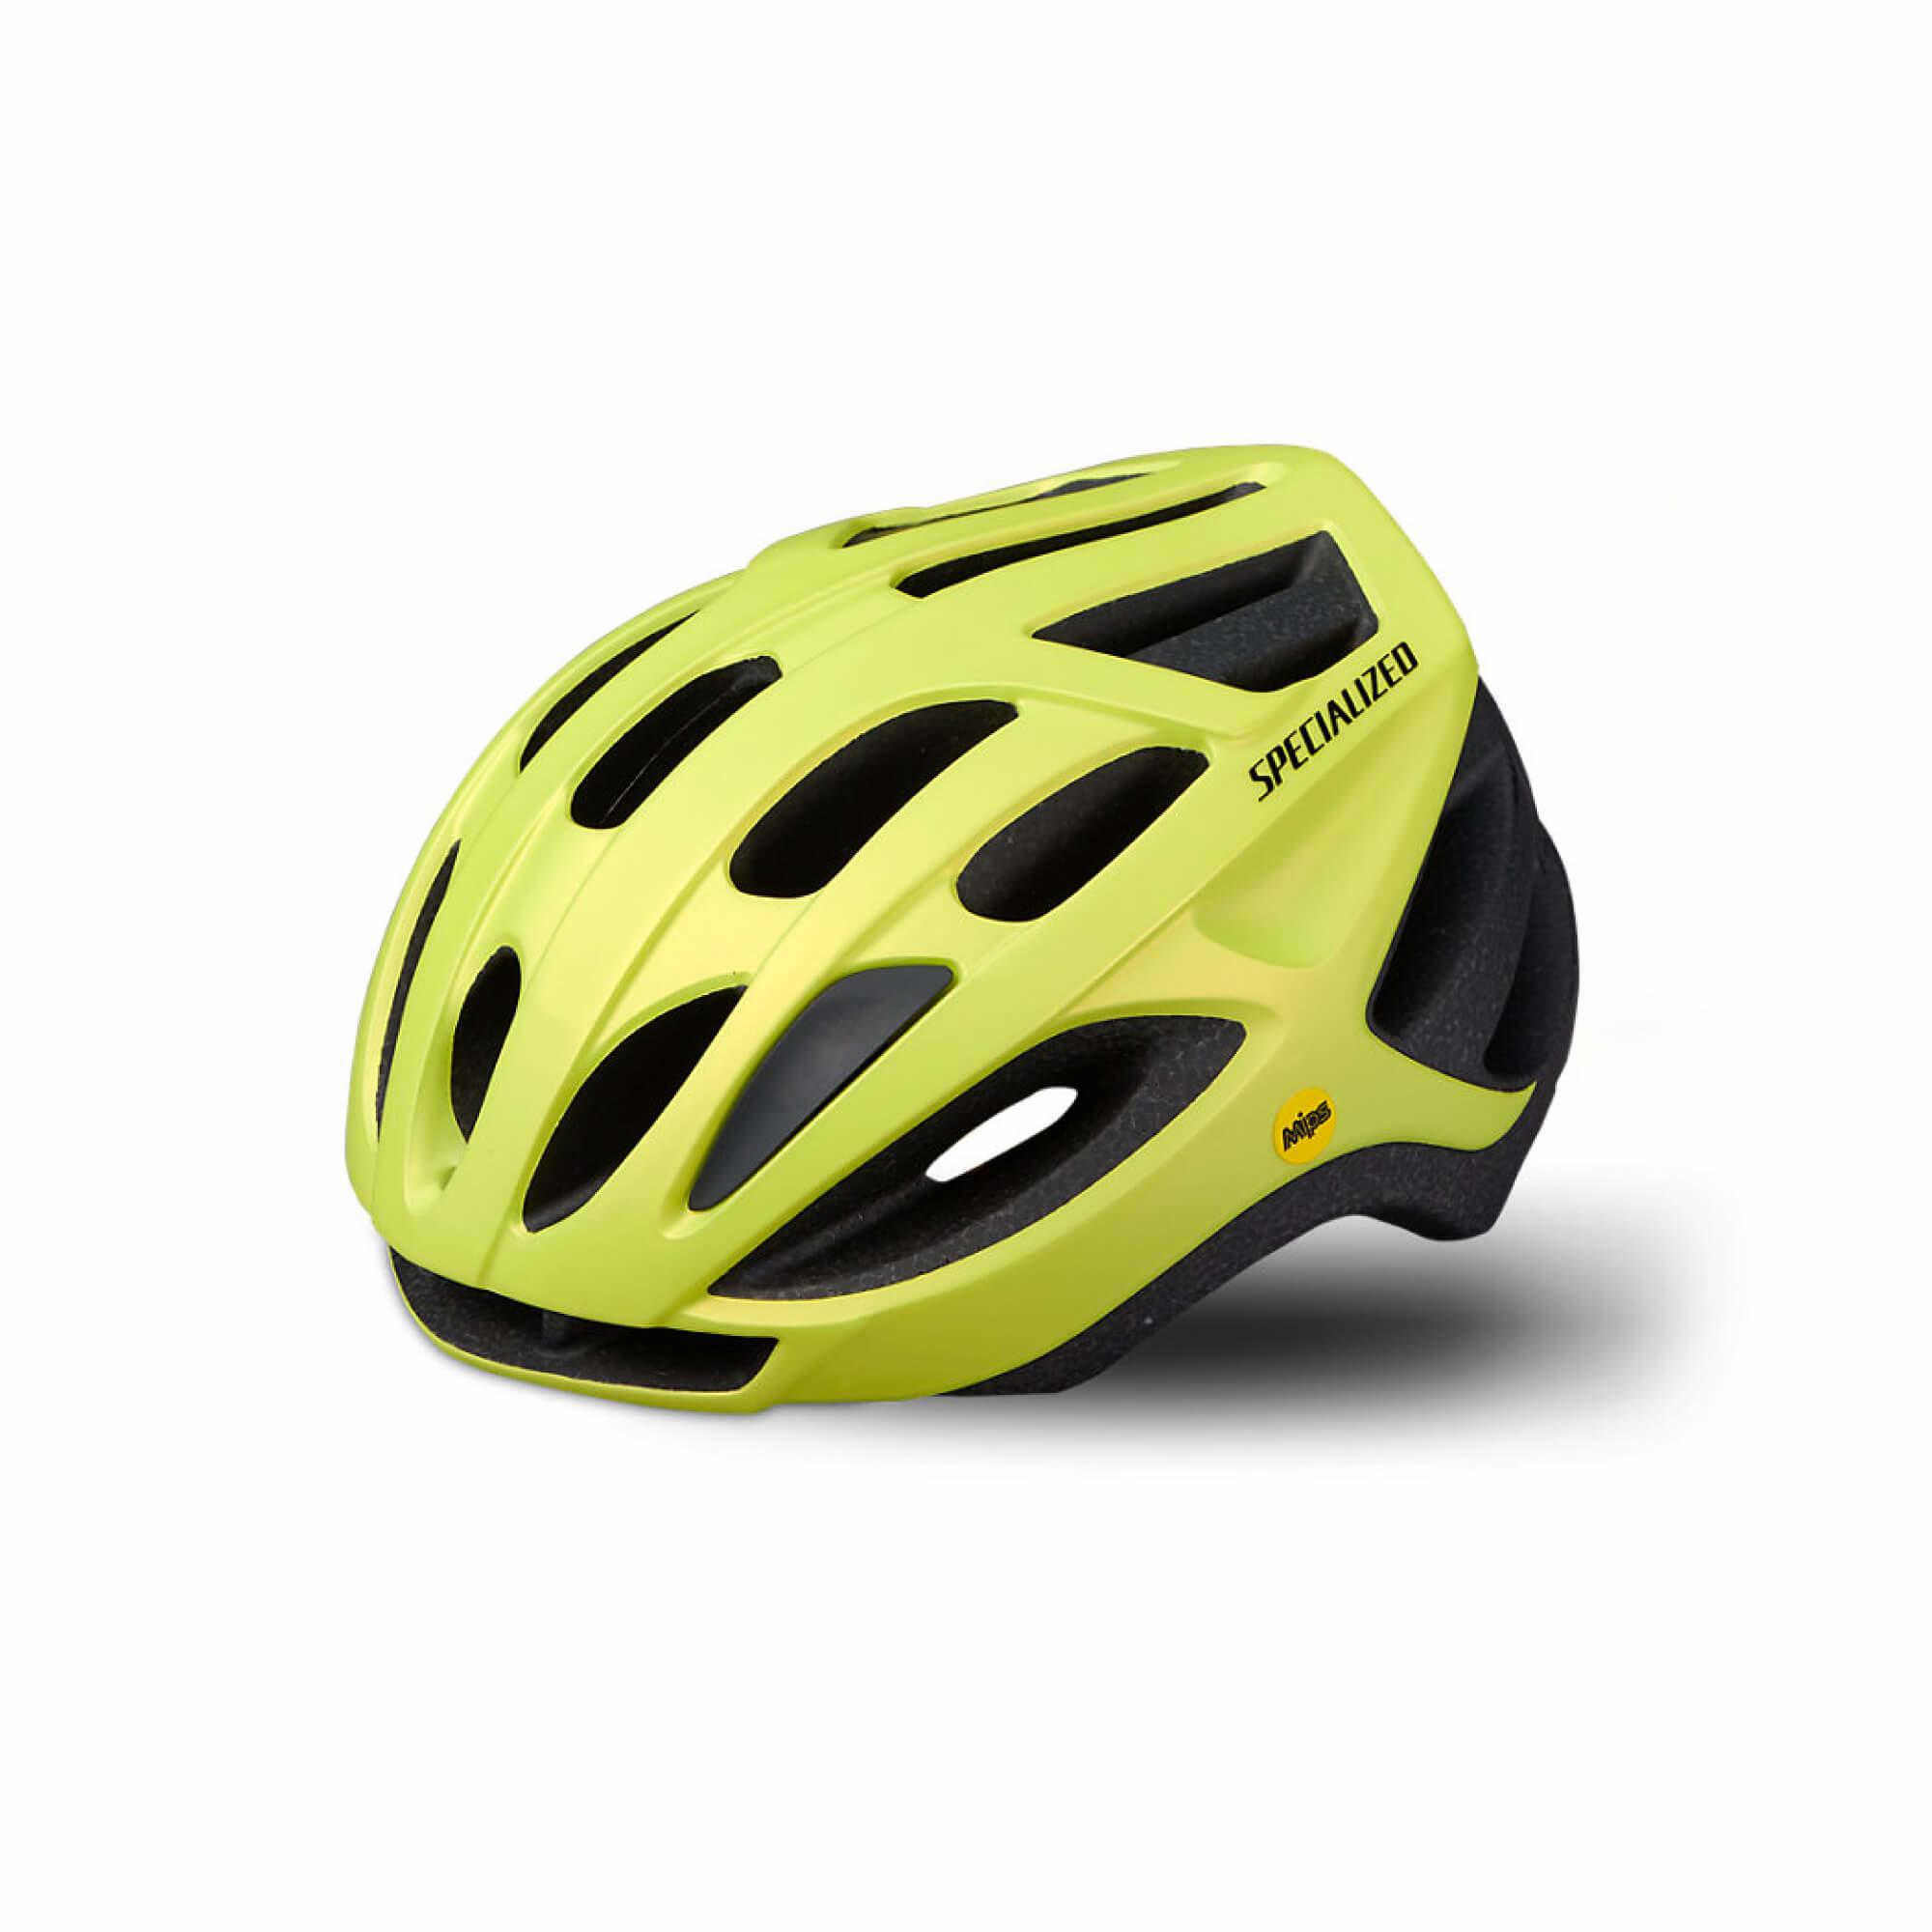 Align Helmet Mips-12